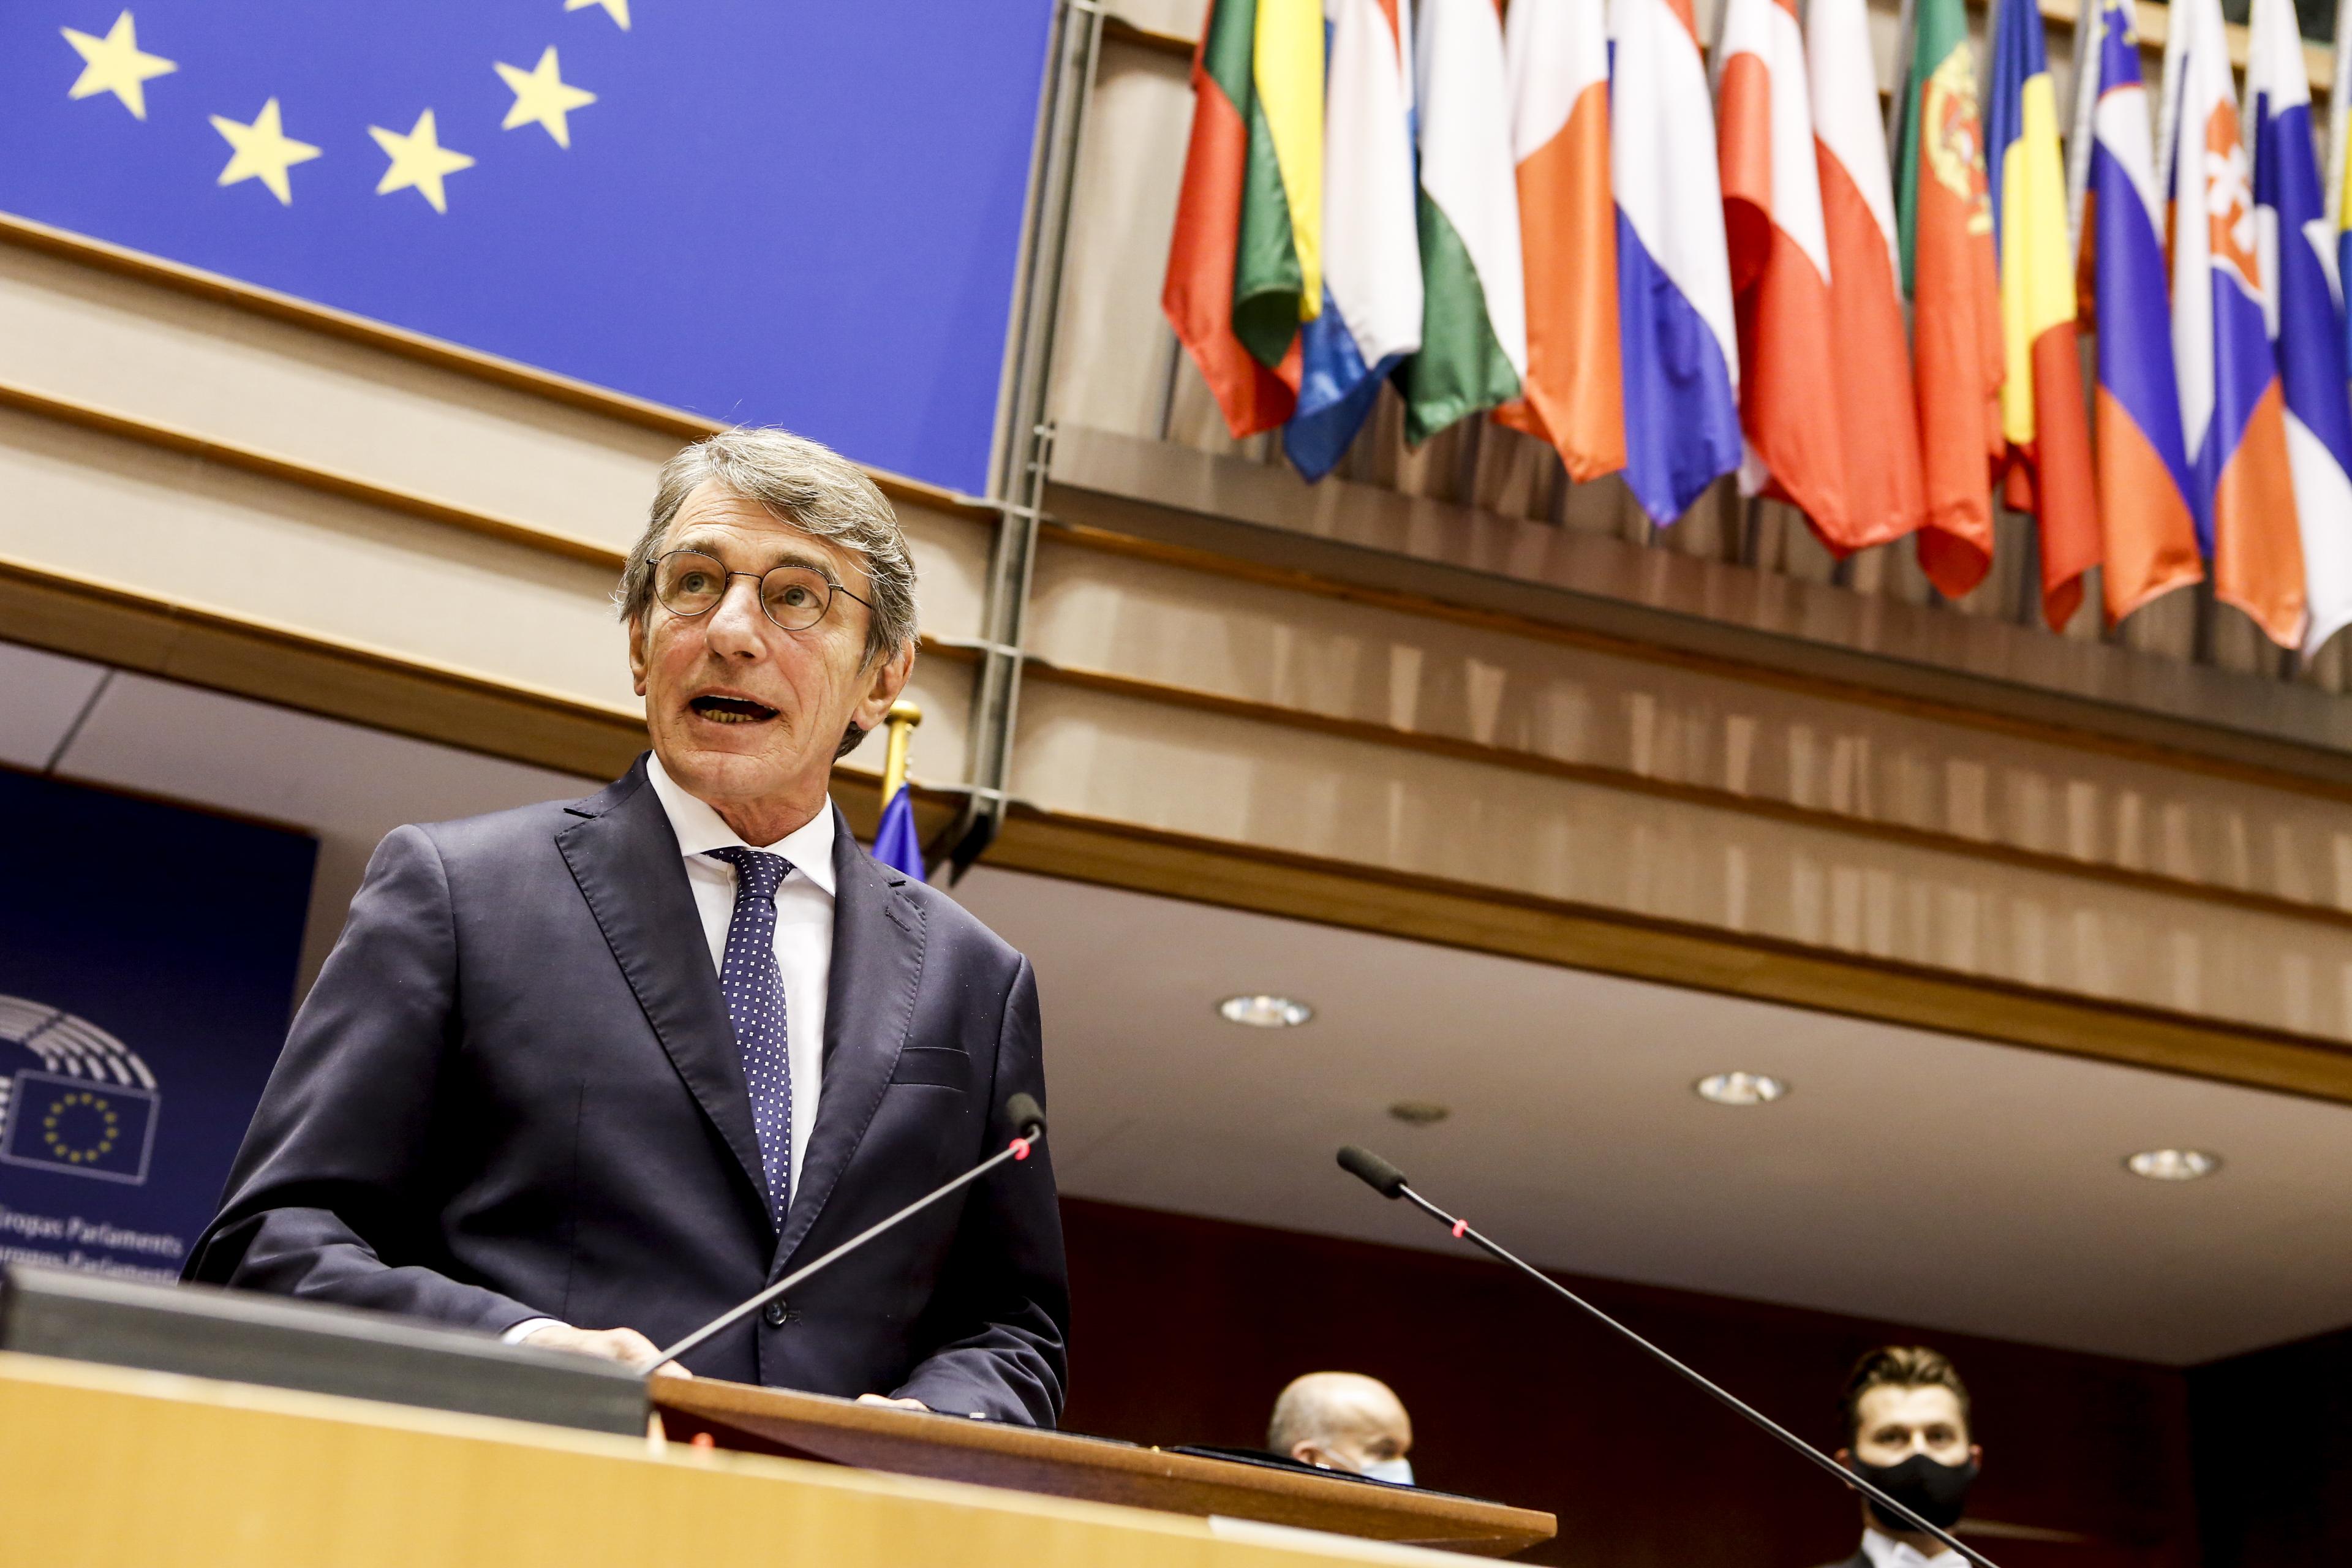 10月8日,歐洲議會議長薩索利在推特上表示,因身邊一名工作人員當天新冠病毒檢測結果呈陽性,他決定開始自我隔離。圖爲10月5日薩索利在比利時布魯塞爾歐盟總部。( 新華社)